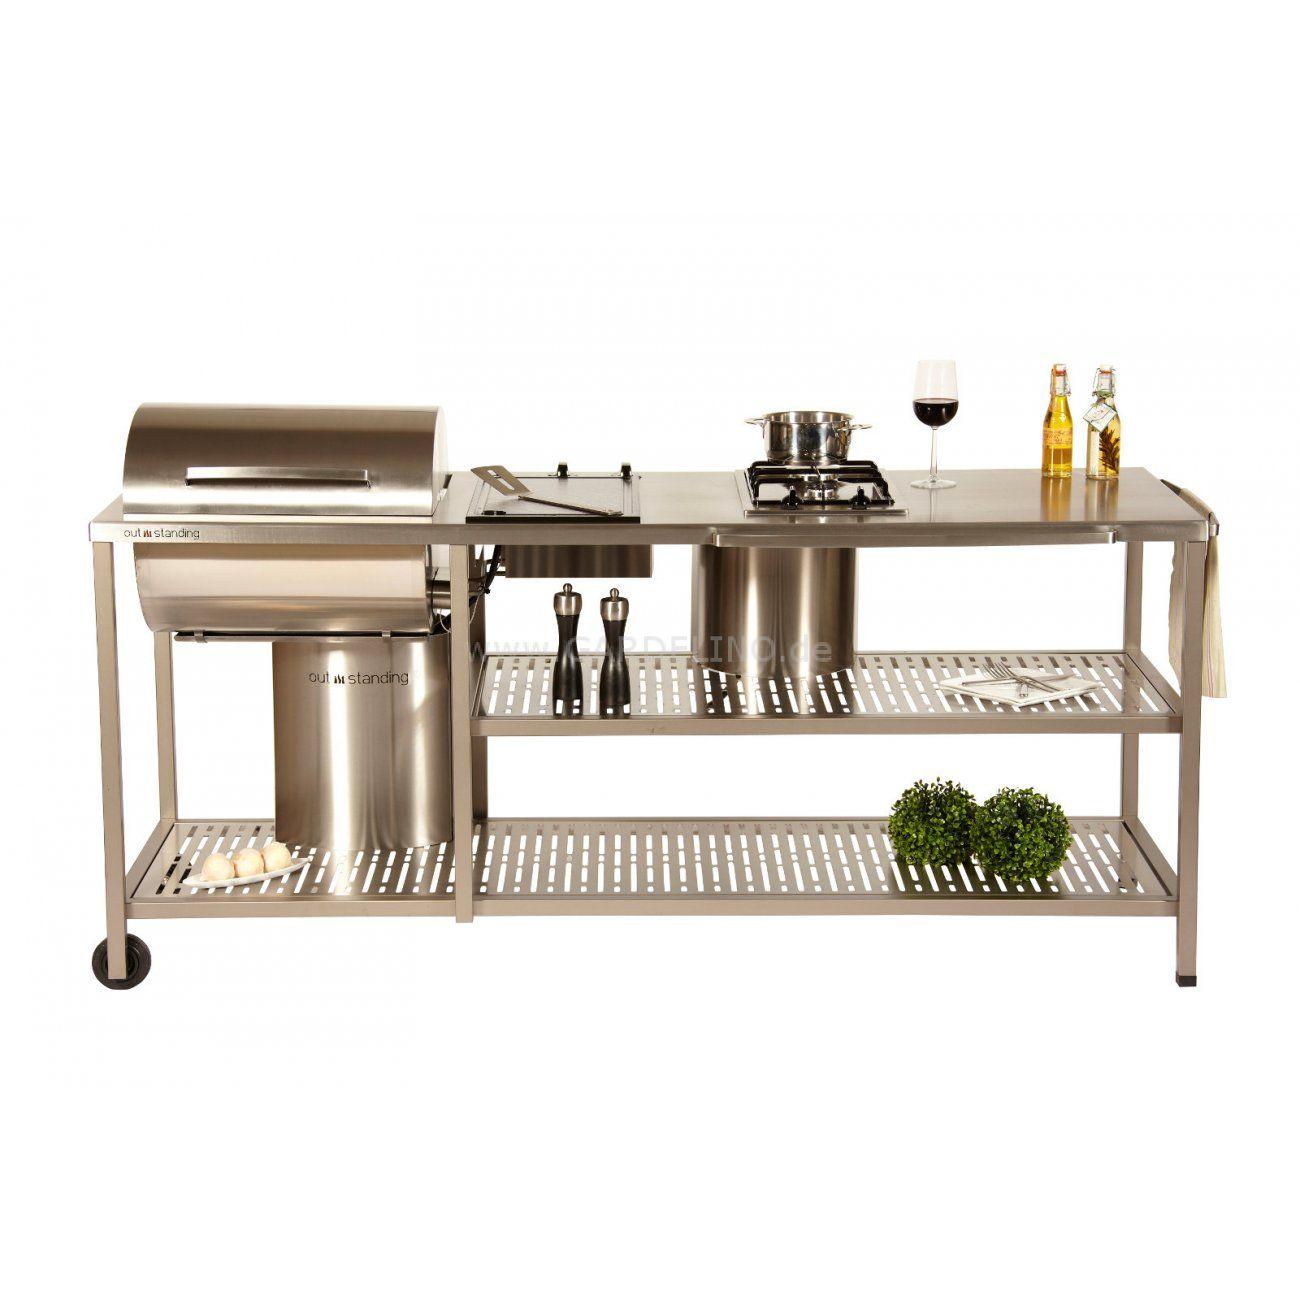 Outdoorküche OS Royal Basic Gasgrill // Outdoor kitchen OS Royal ...